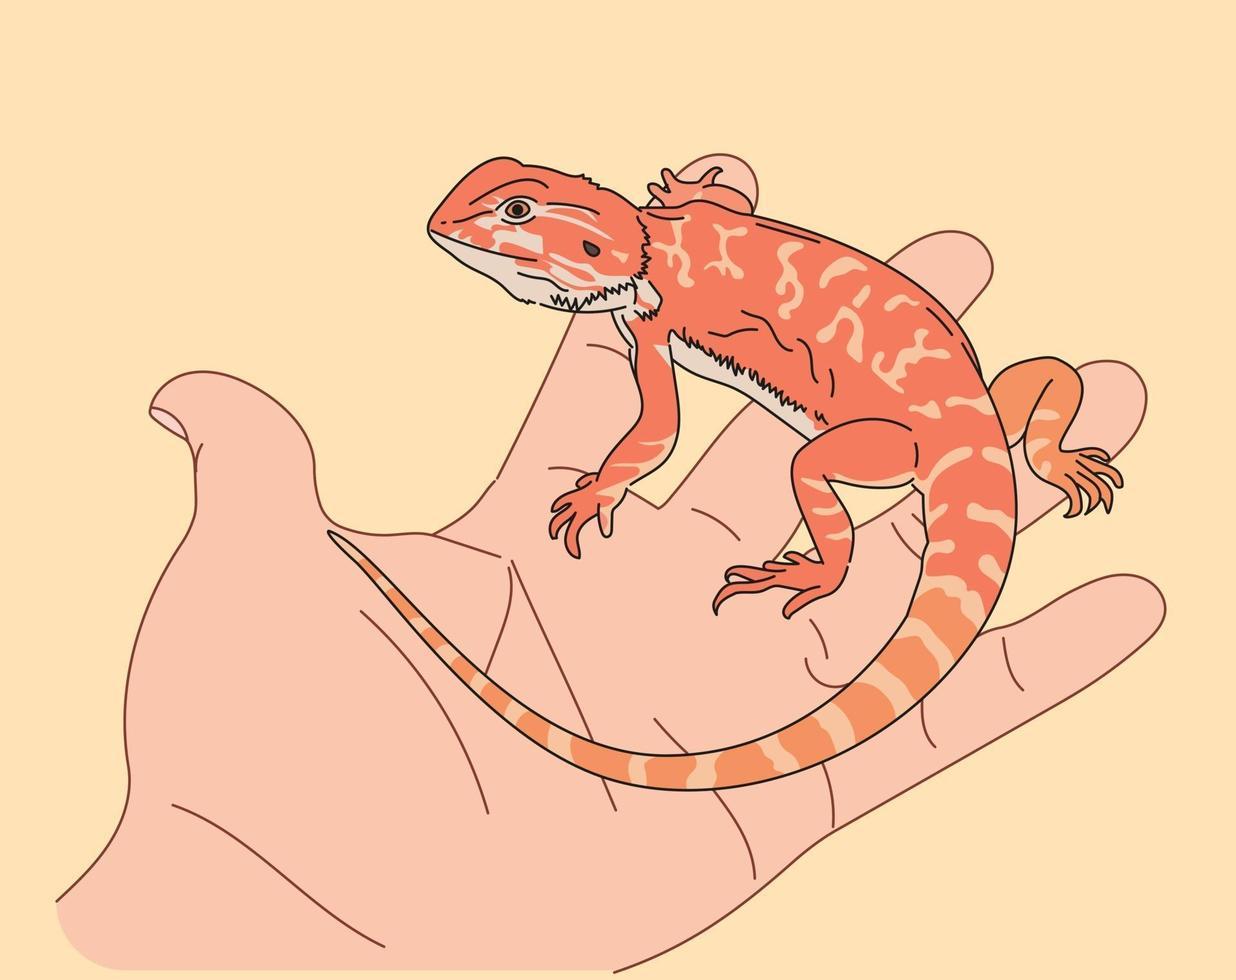 el pequeño lagarto en la mano. ilustraciones de diseño de vectores de estilo dibujado a mano.